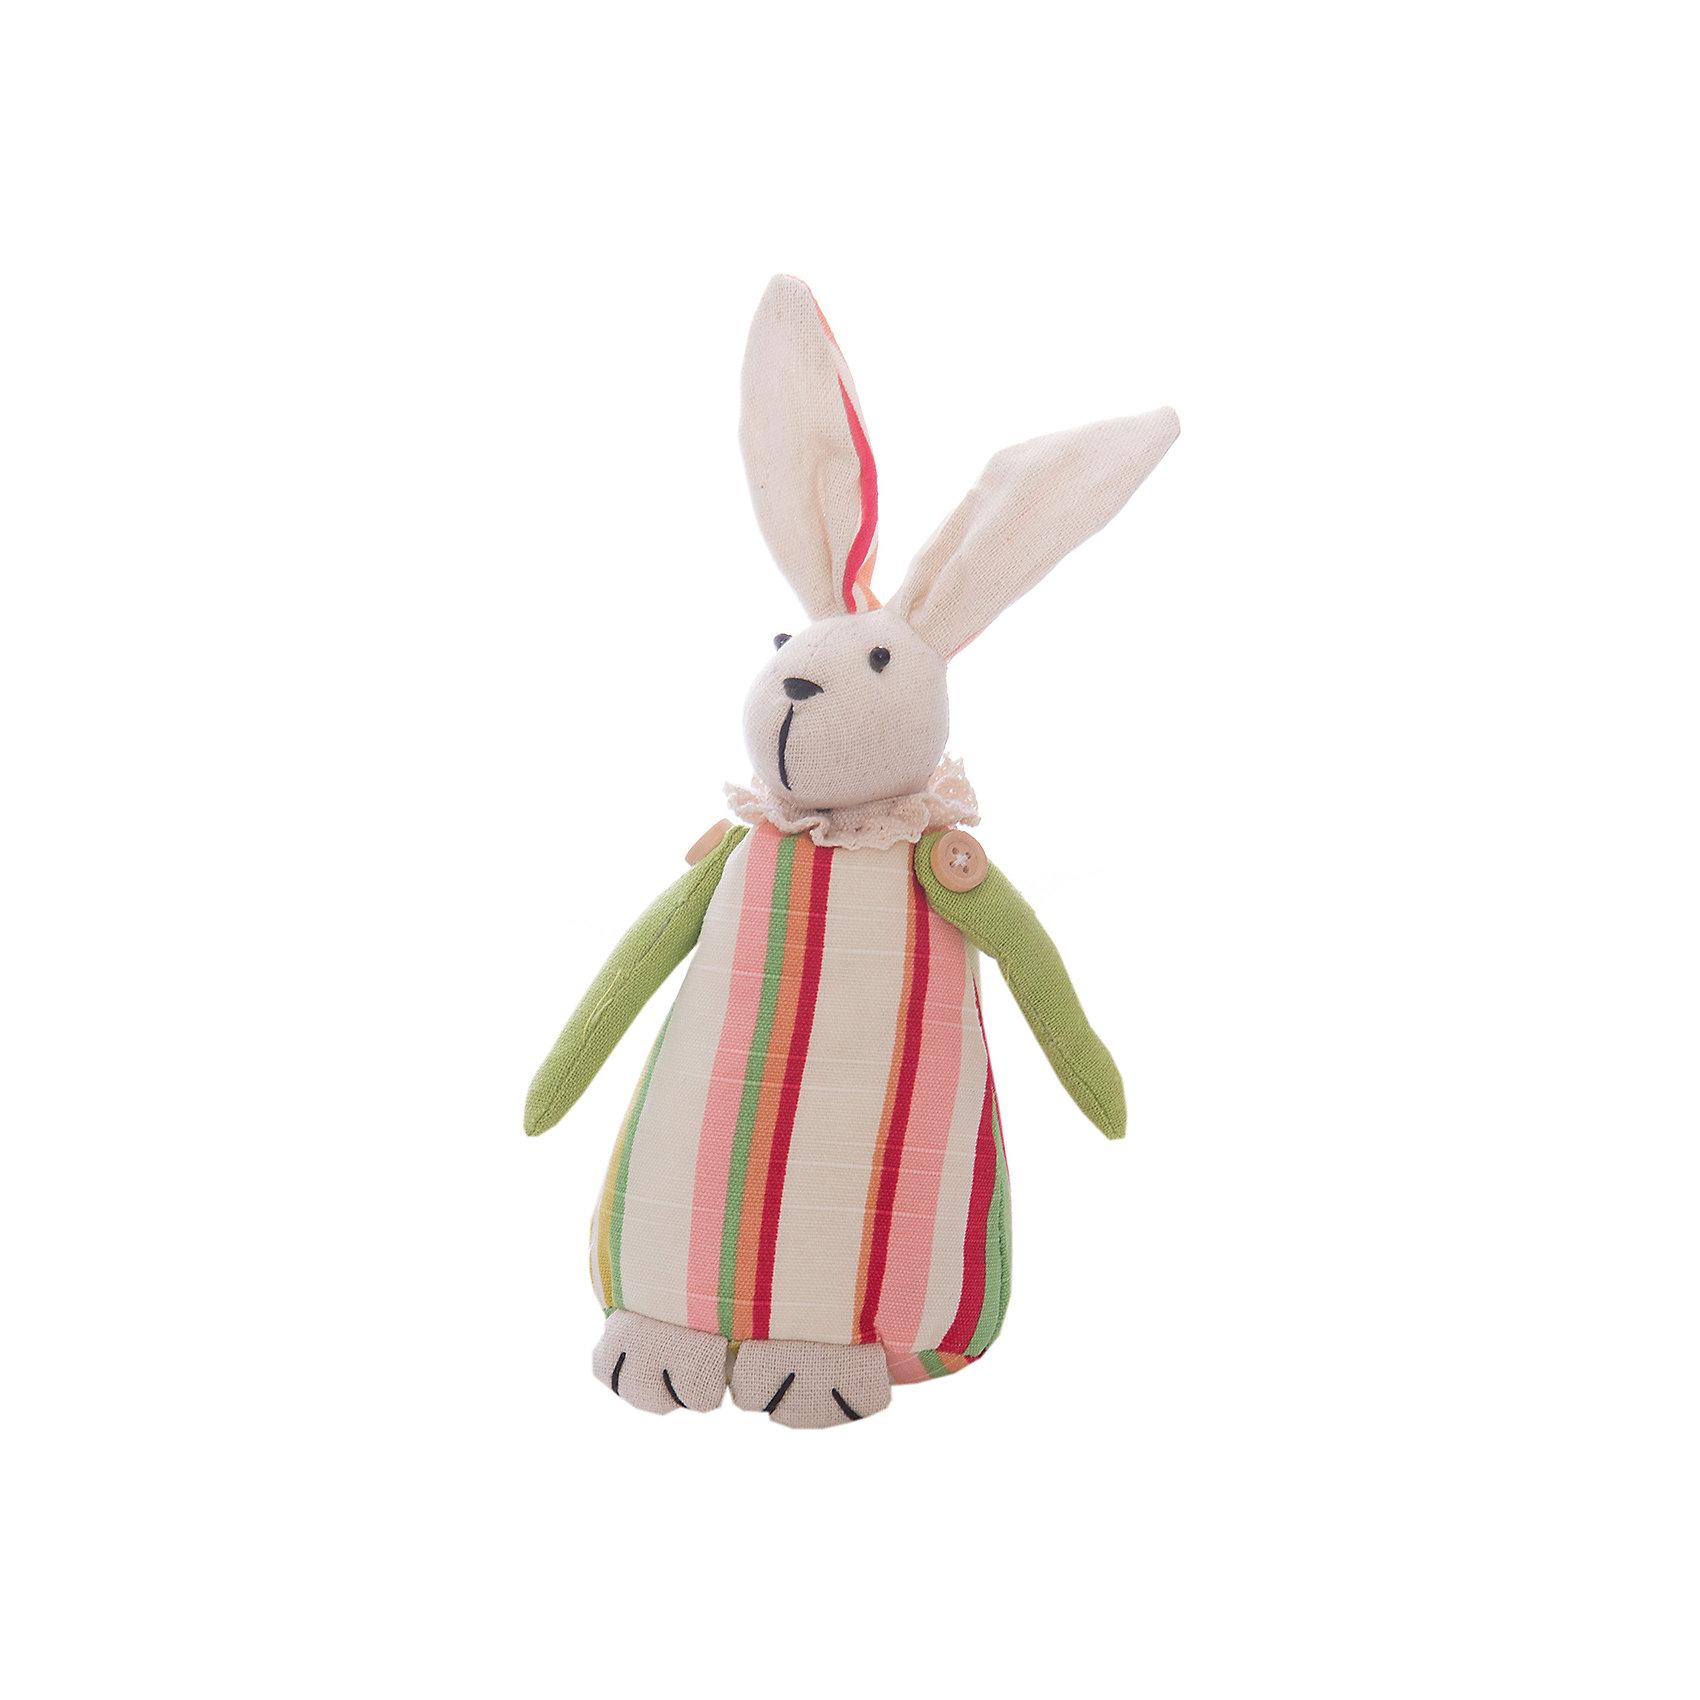 Заяц Ушенька маленькийХарактеристики:<br><br>• Предназначение: для оформления интерьера<br>• Пол: универсальный<br>• Материал: текстиль<br>• Цвет: телесный, красный, зеленый, розовый<br>• Размеры (высота игрушки): 25 см<br>• Вес в упаковке: 240 г <br><br>Заяц Ушенька маленький – это интерьерная игрушка от торговой марки Белоснежка, специализирующейся на товарах для творчества и рукоделия. Заяц выполнен из текстиля с набивкой, внутри для устойчивости имеется утяжелитель. Использованные при изготовлении материалы гипоаллергенные. Игрушка имеет форму статуэтки, поэтому ее можно поставить на полку. Заяц Ушенька может стать прекрасным подарком на новоселье с пожеланиями благополучия, удачи, мира и добра.<br><br>Зайца Ушеньку маленького можно купить в нашем интернет-магазине.<br><br>Ширина мм: 150<br>Глубина мм: 115<br>Высота мм: 80<br>Вес г: 2660<br>Возраст от месяцев: 72<br>Возраст до месяцев: 144<br>Пол: Унисекс<br>Возраст: Детский<br>SKU: 5089803